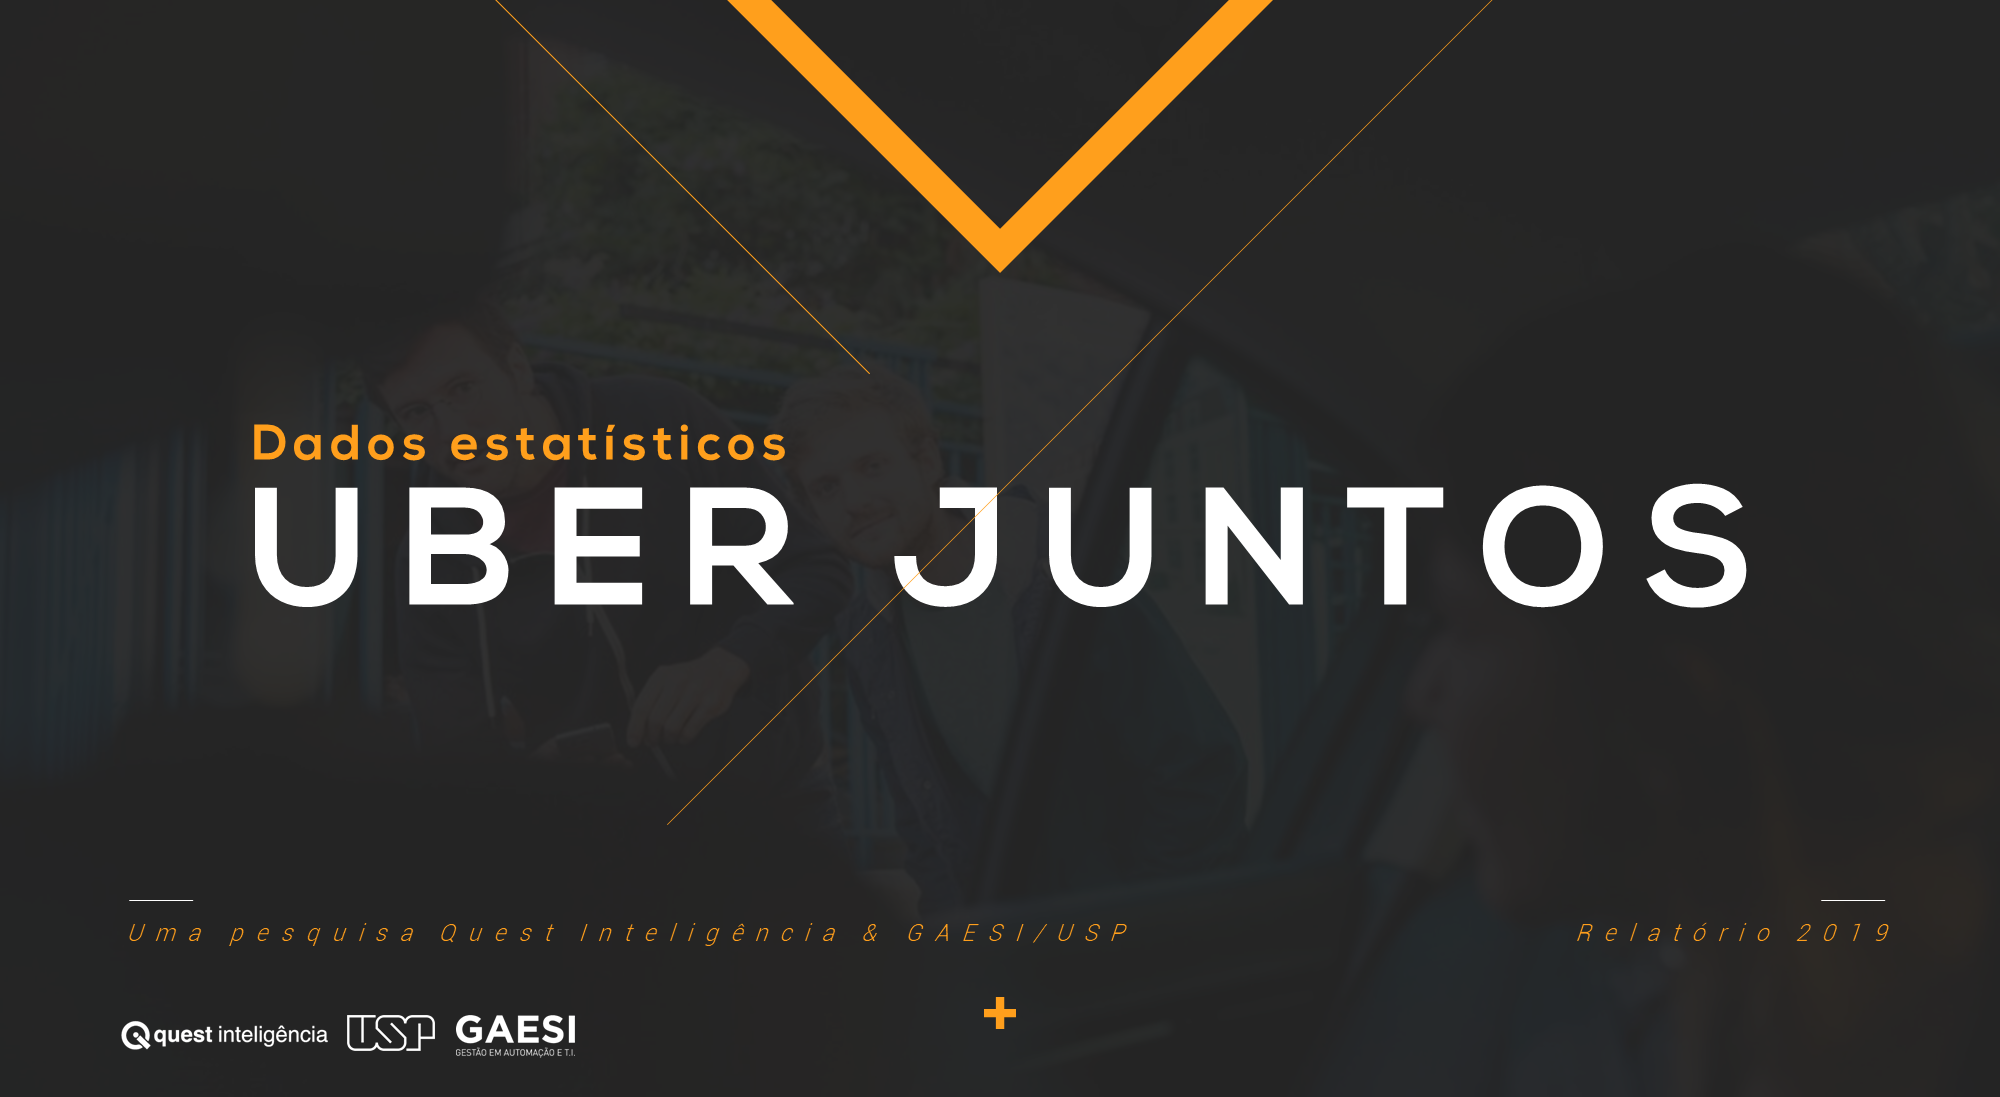 [Relatório 2019] NPS Uber Juntos